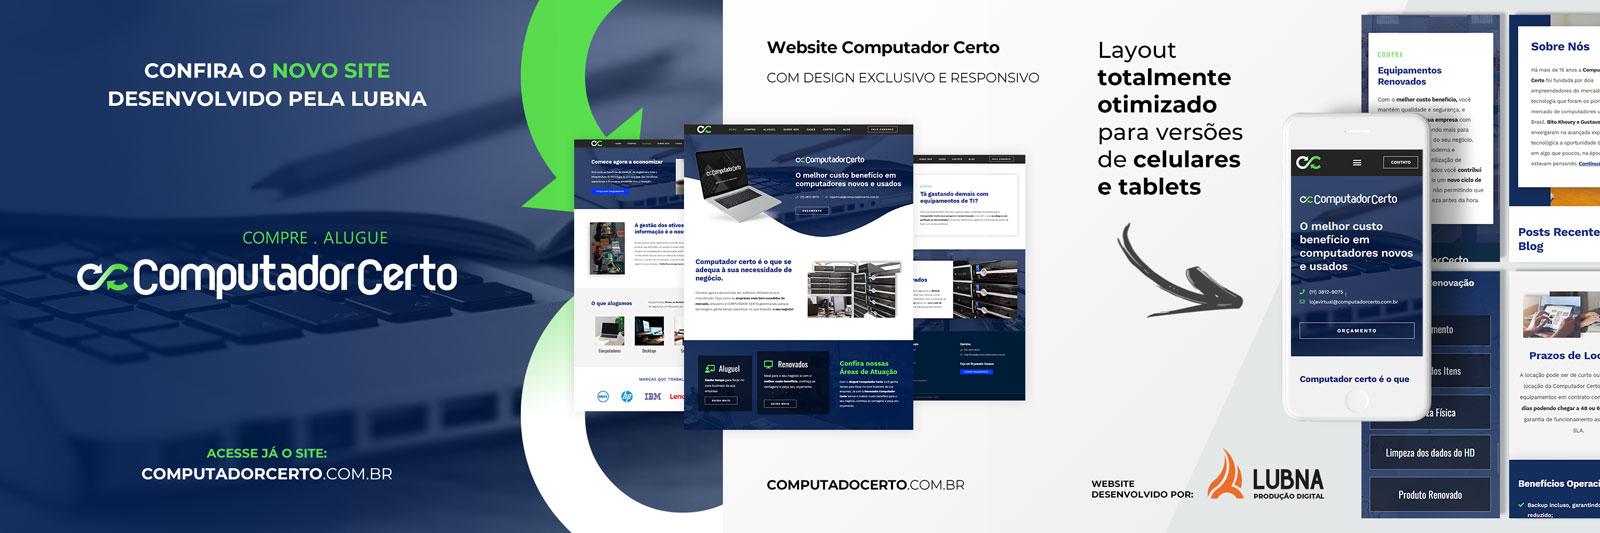 computador-certo-portfolio